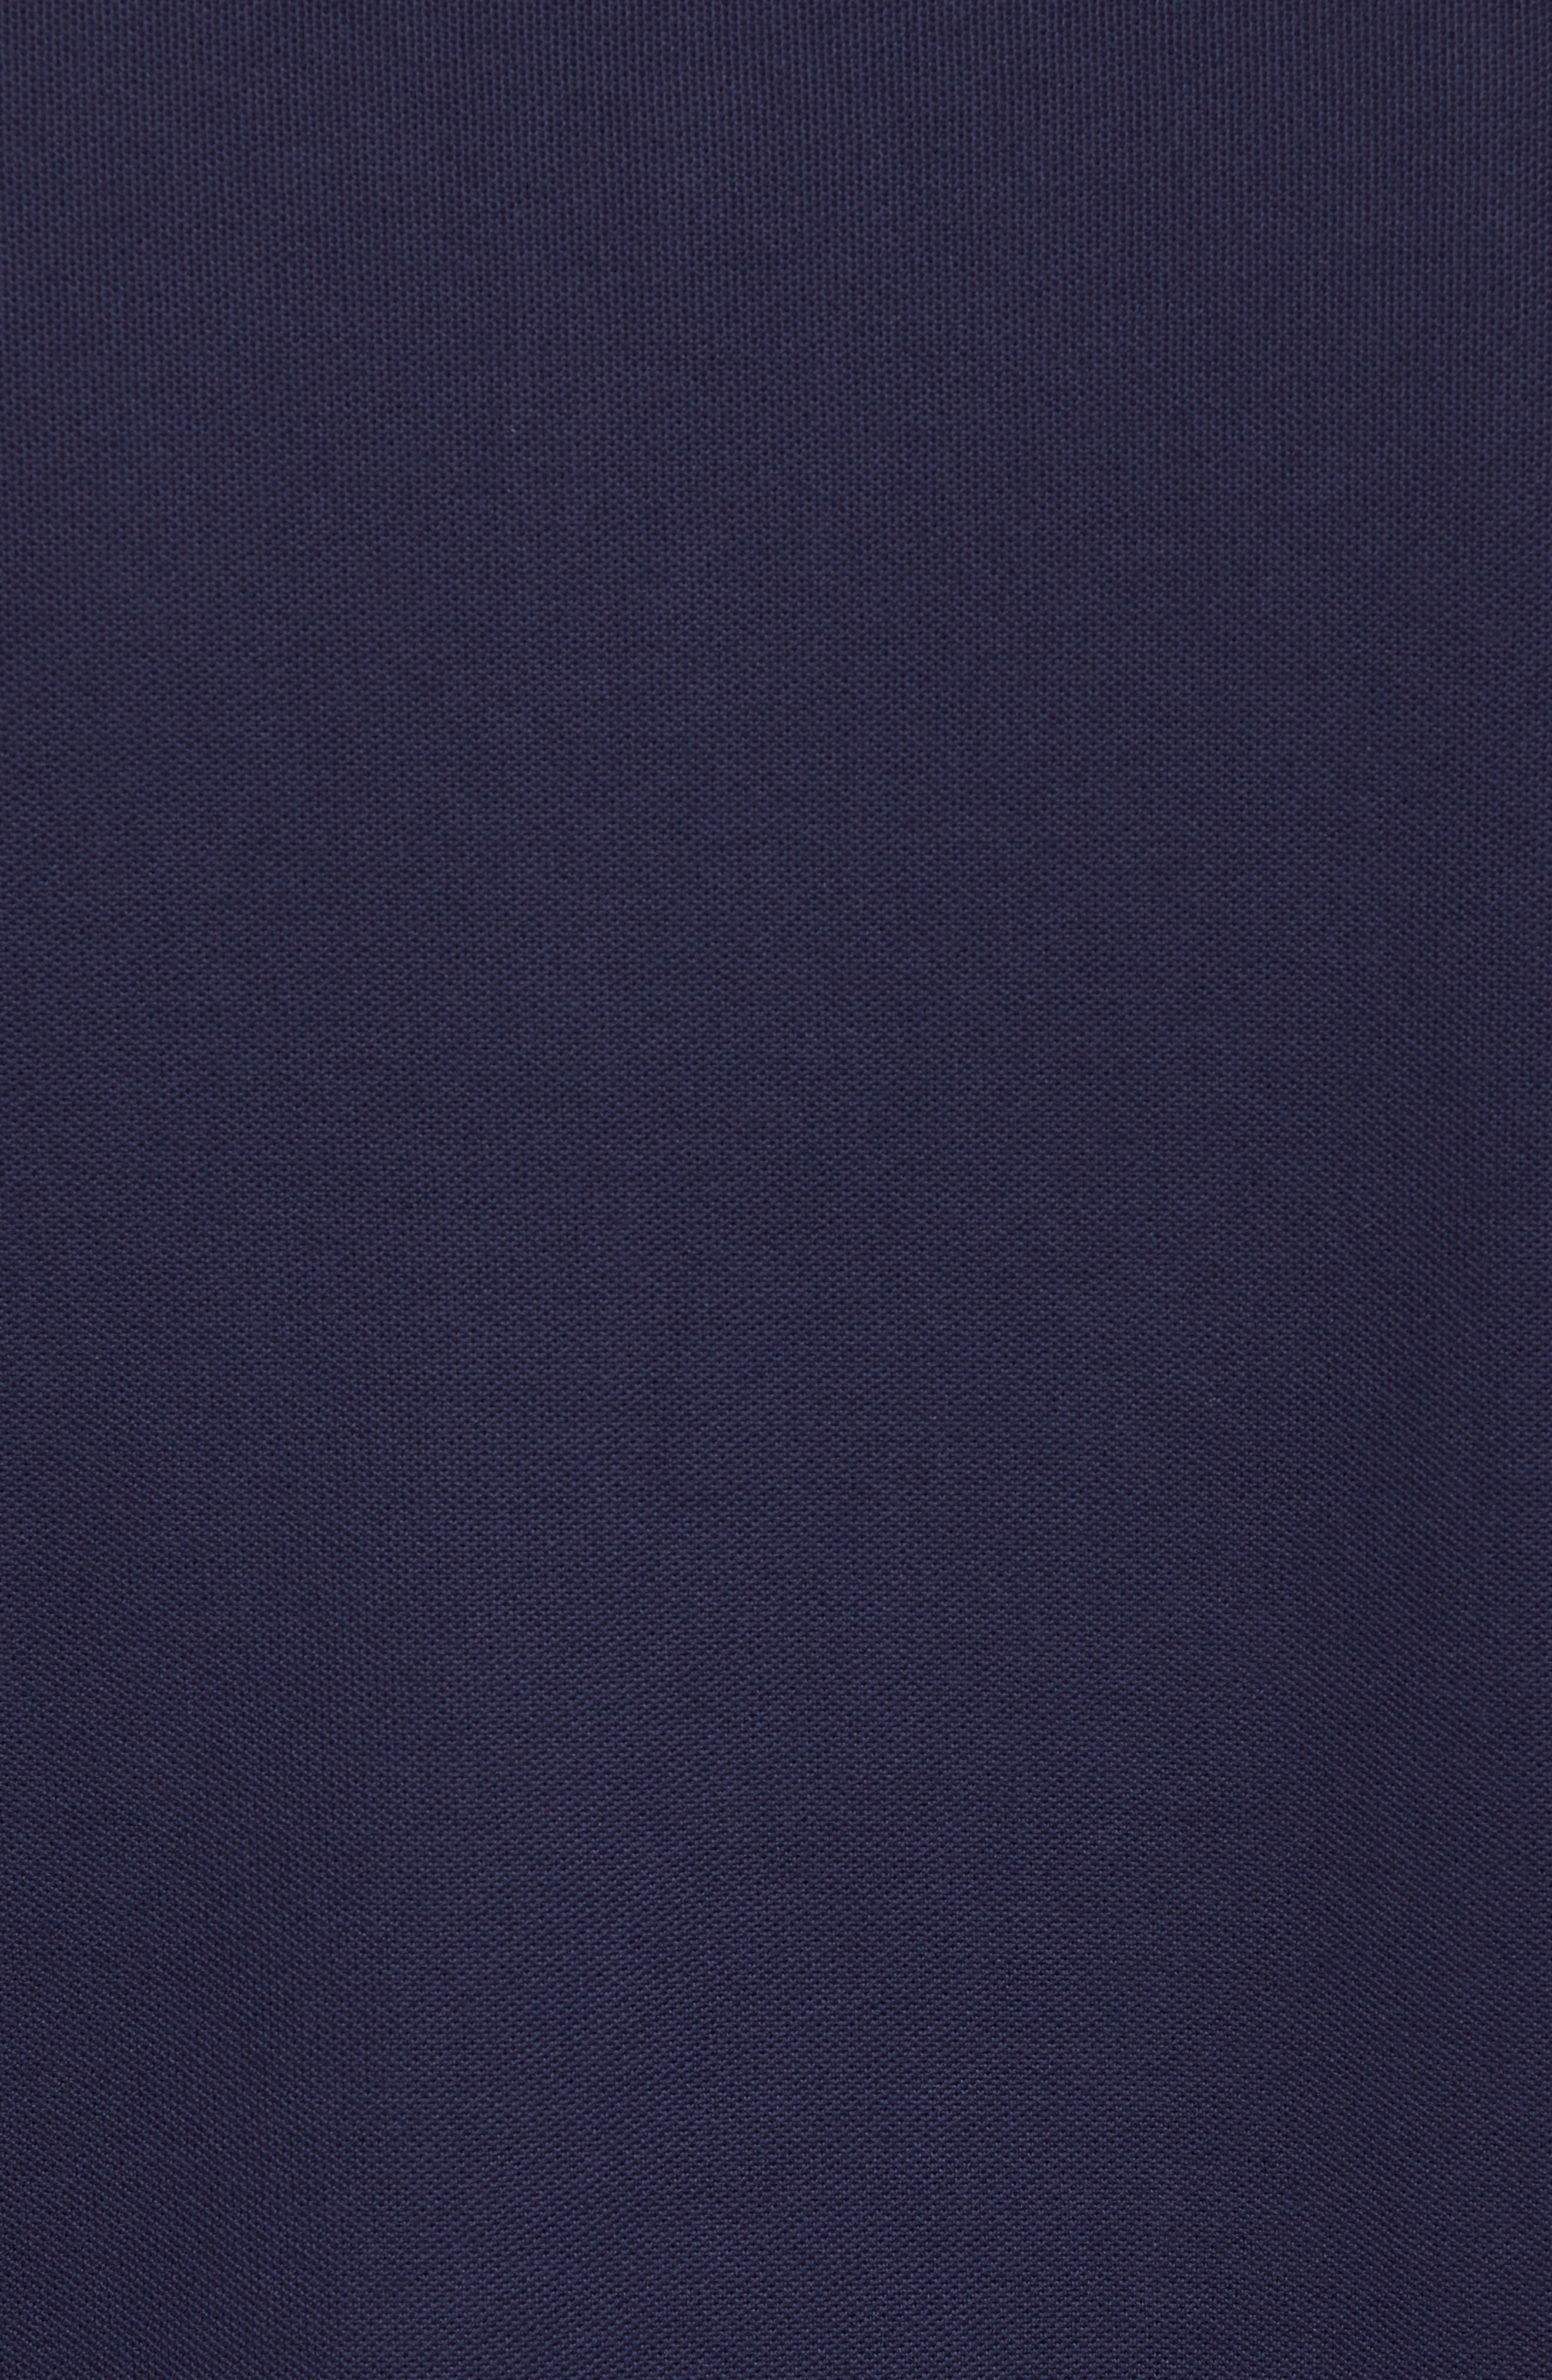 Piqué Henley,                             Alternate thumbnail 5, color,                             Carbon Blue